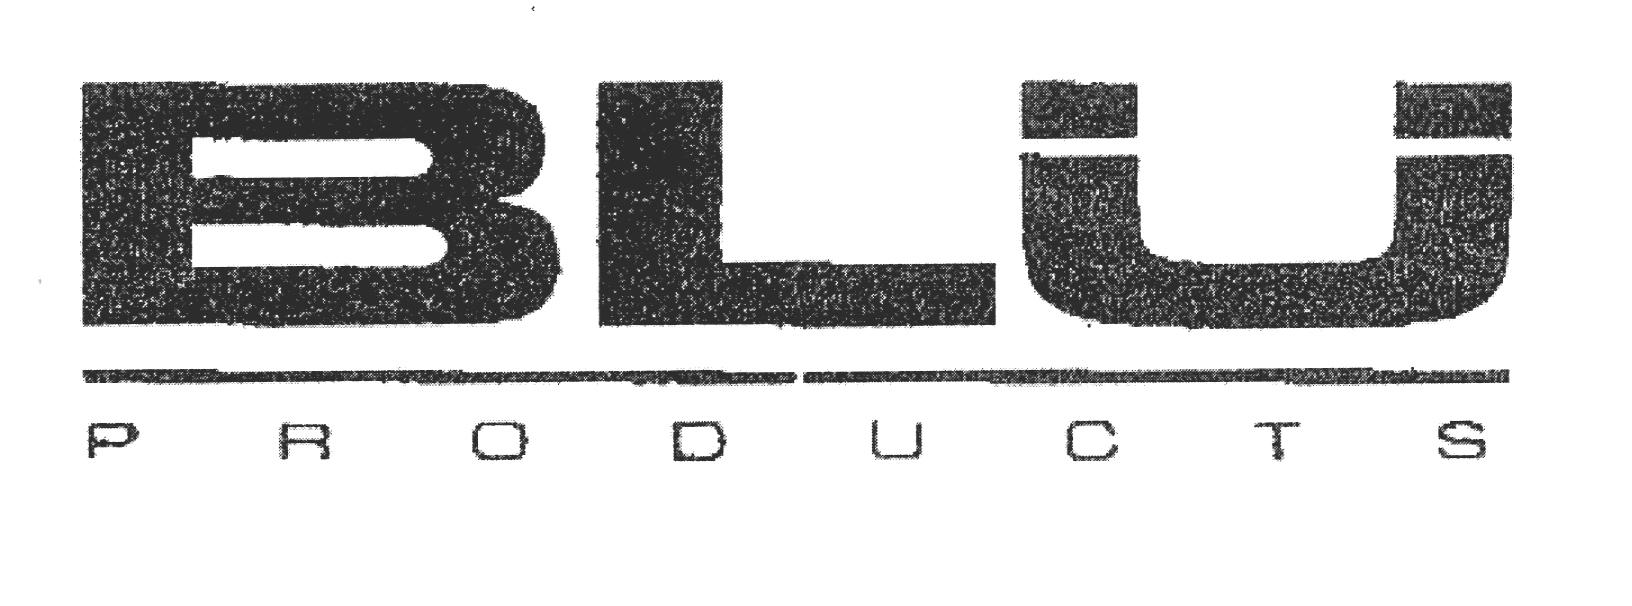 Blu Products: Drei günstige Smartphones mit Quadcore-CPUs und HD-Displays bis 5,7 Zoll